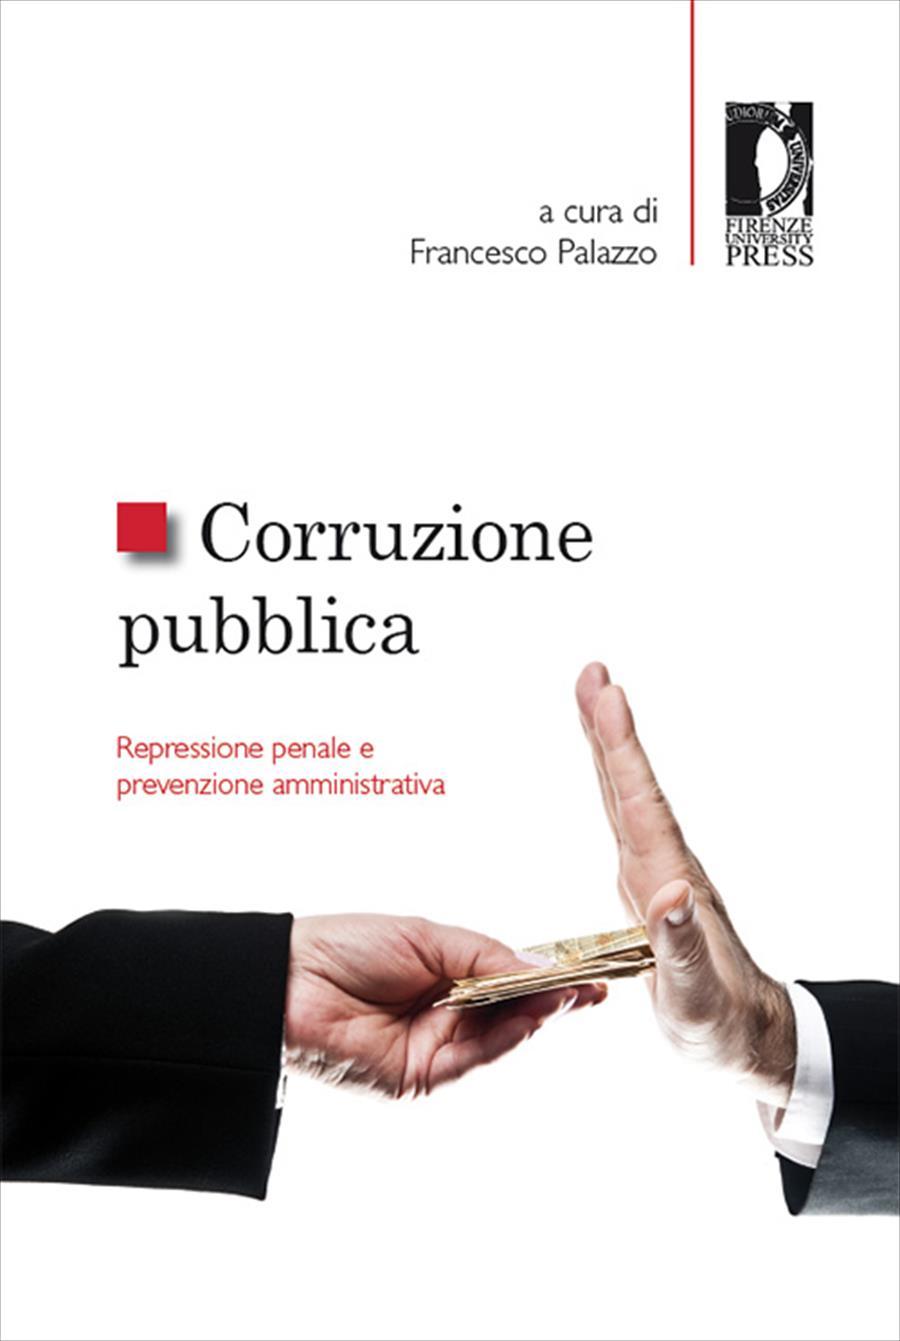 Corruzione pubblica